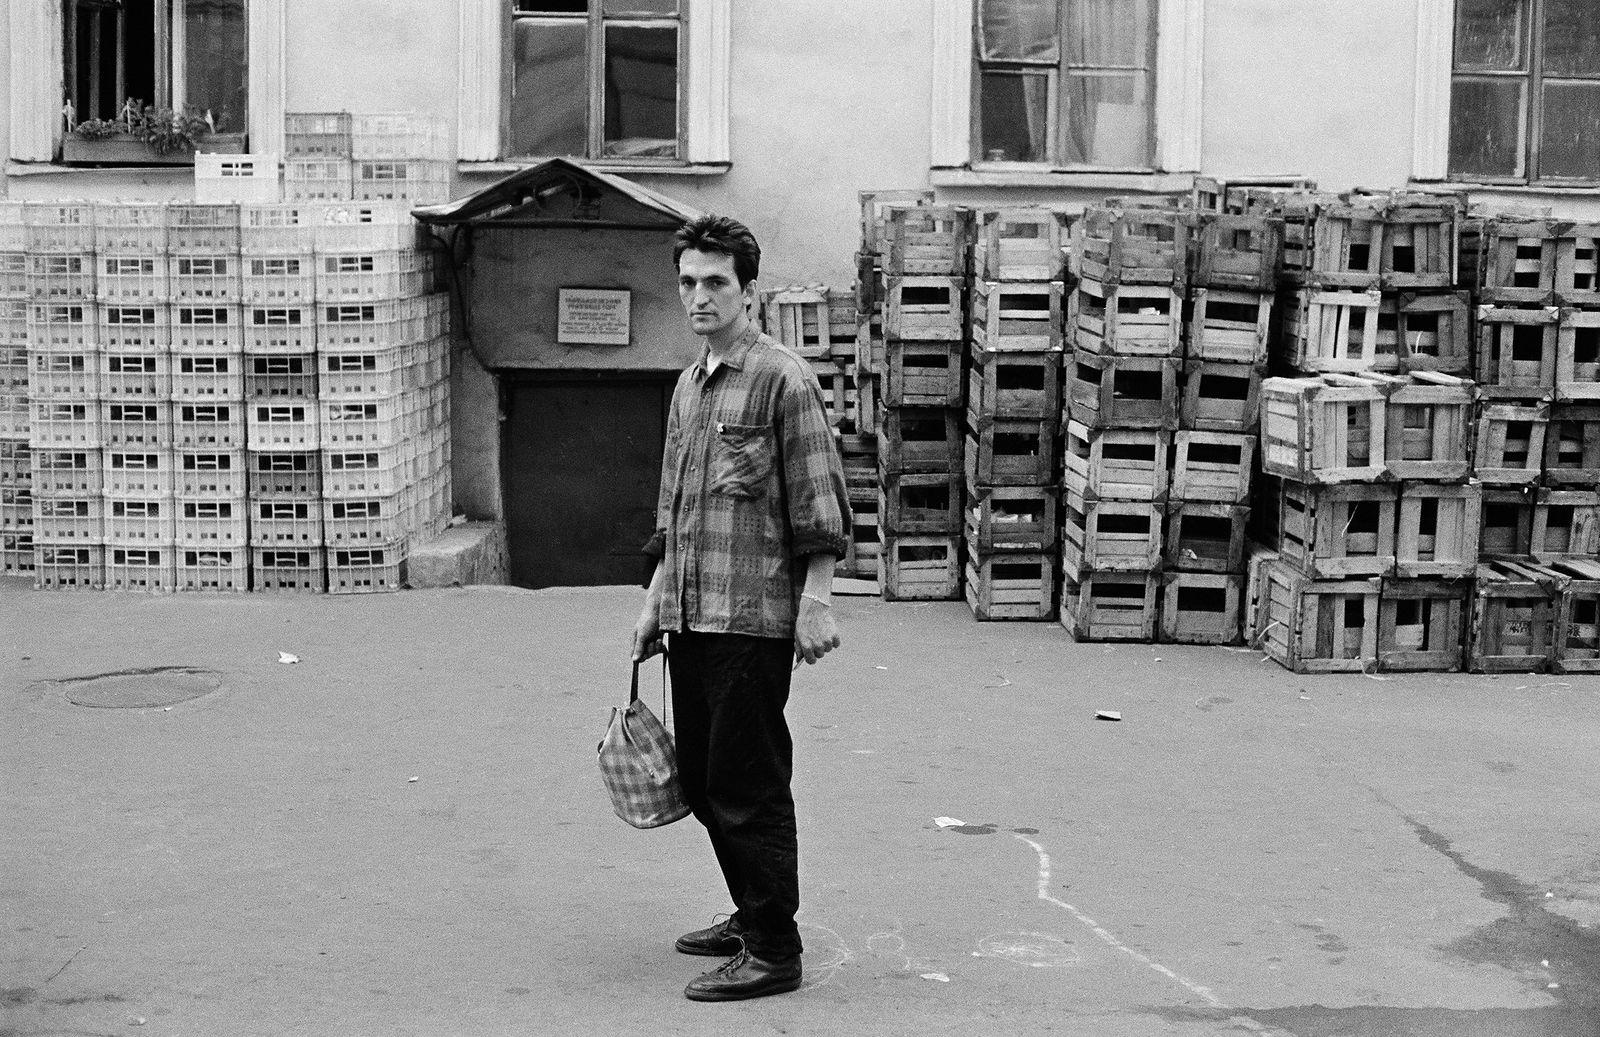 Андрей Безукладников. Совриск. Тимур Новиков. Ленинград. 1986